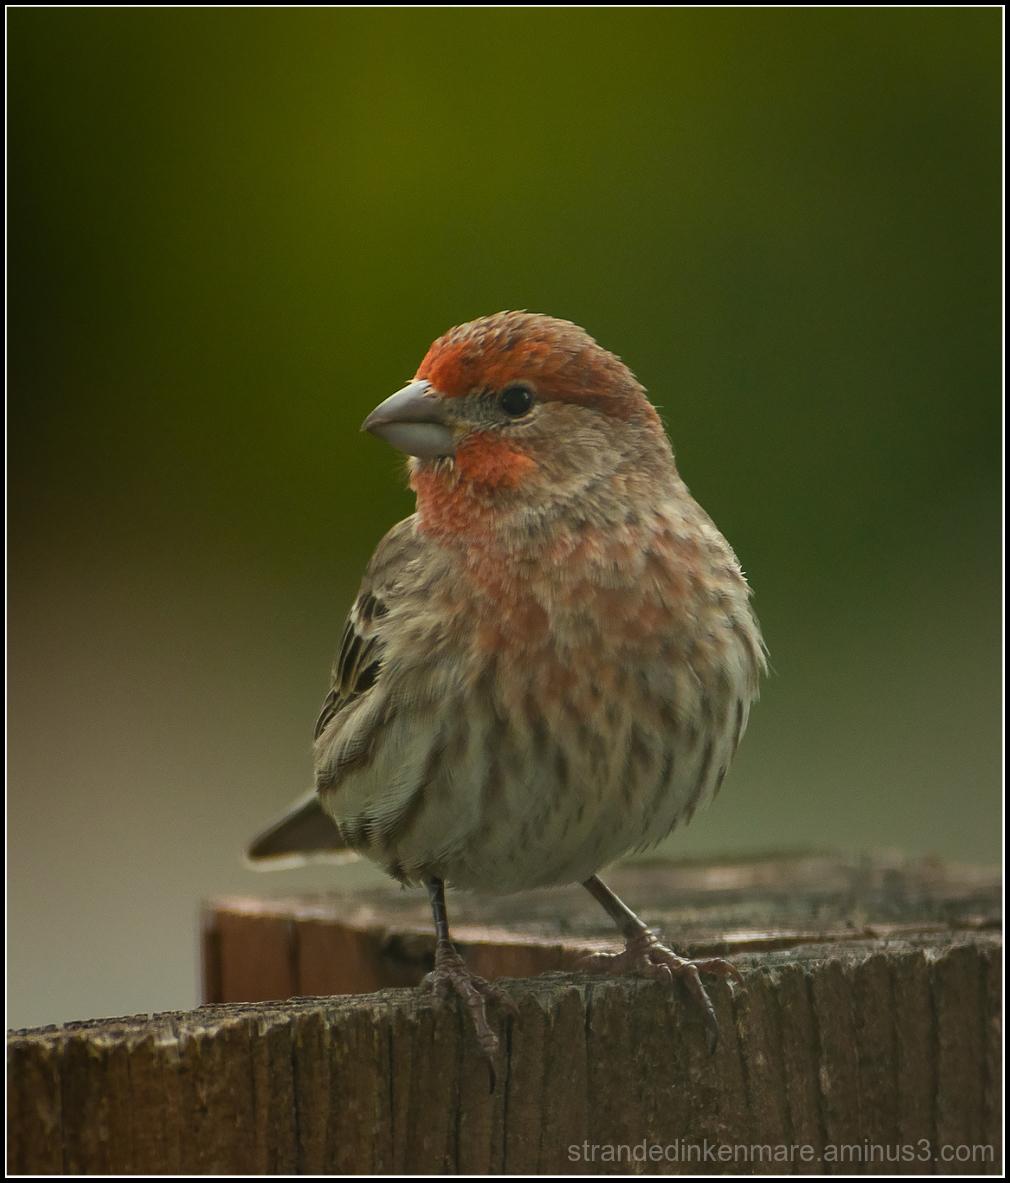 FinchBLoke